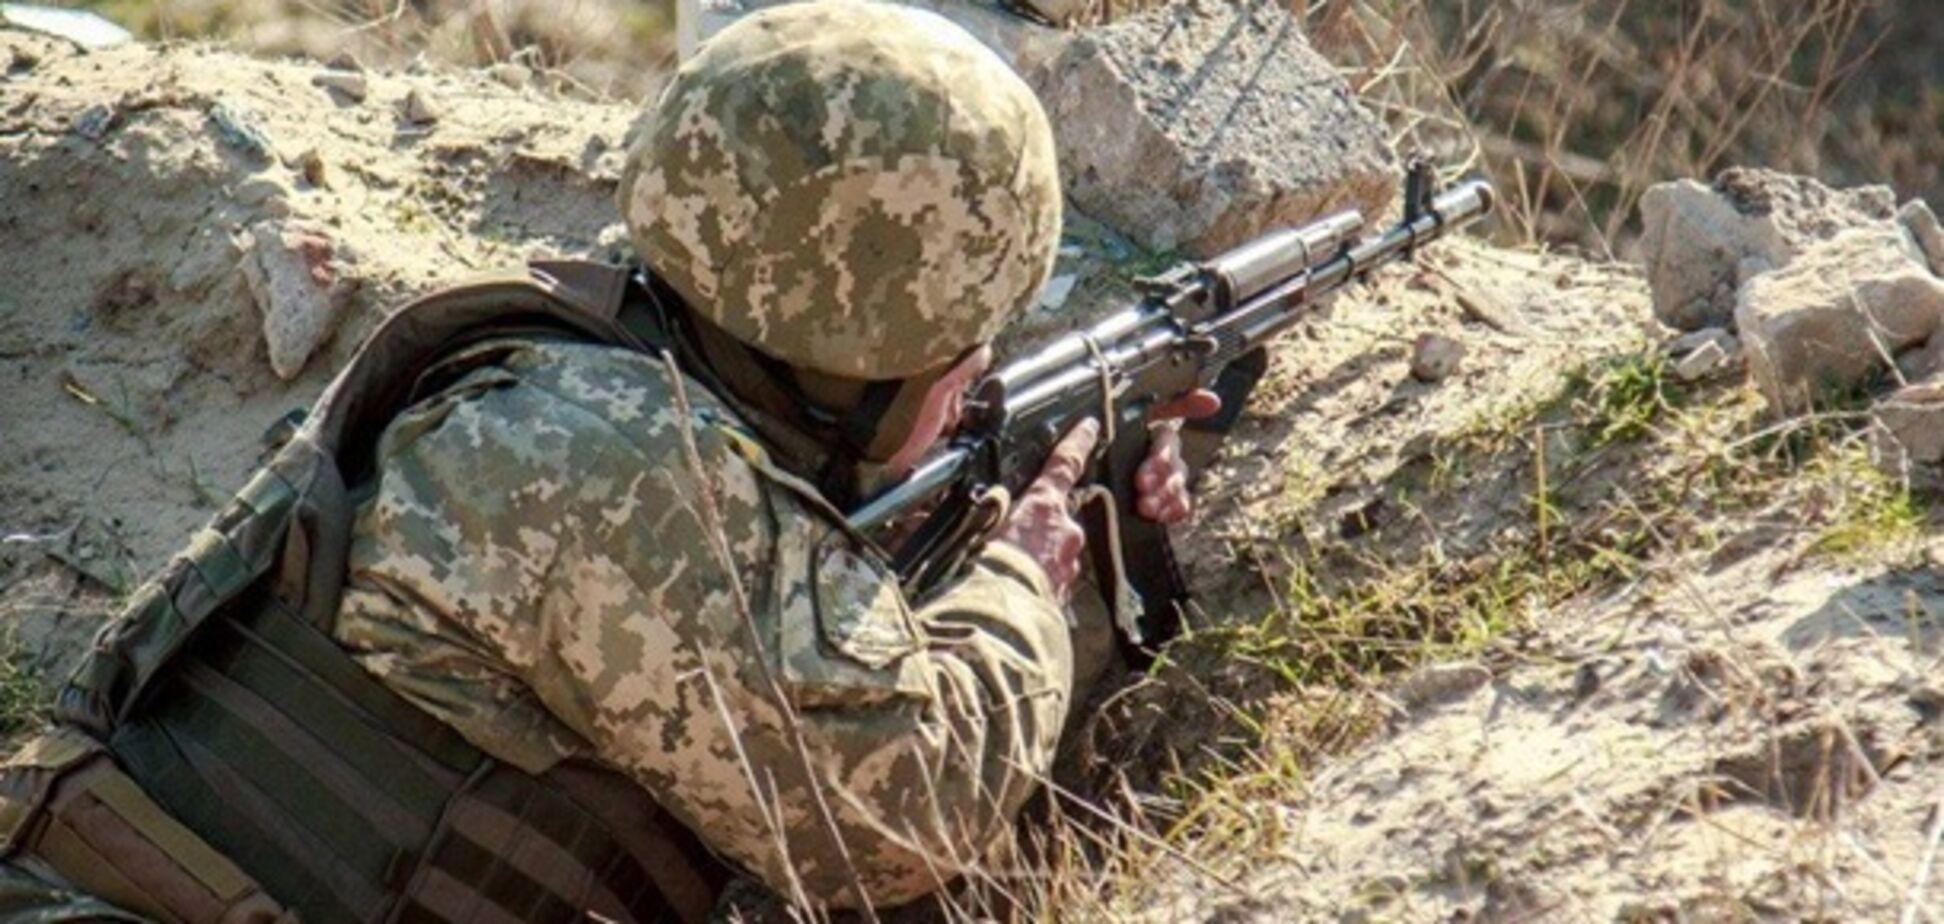 П'ять убитими, шість пораненими: бійці ОС провчили терористів на Донбасі